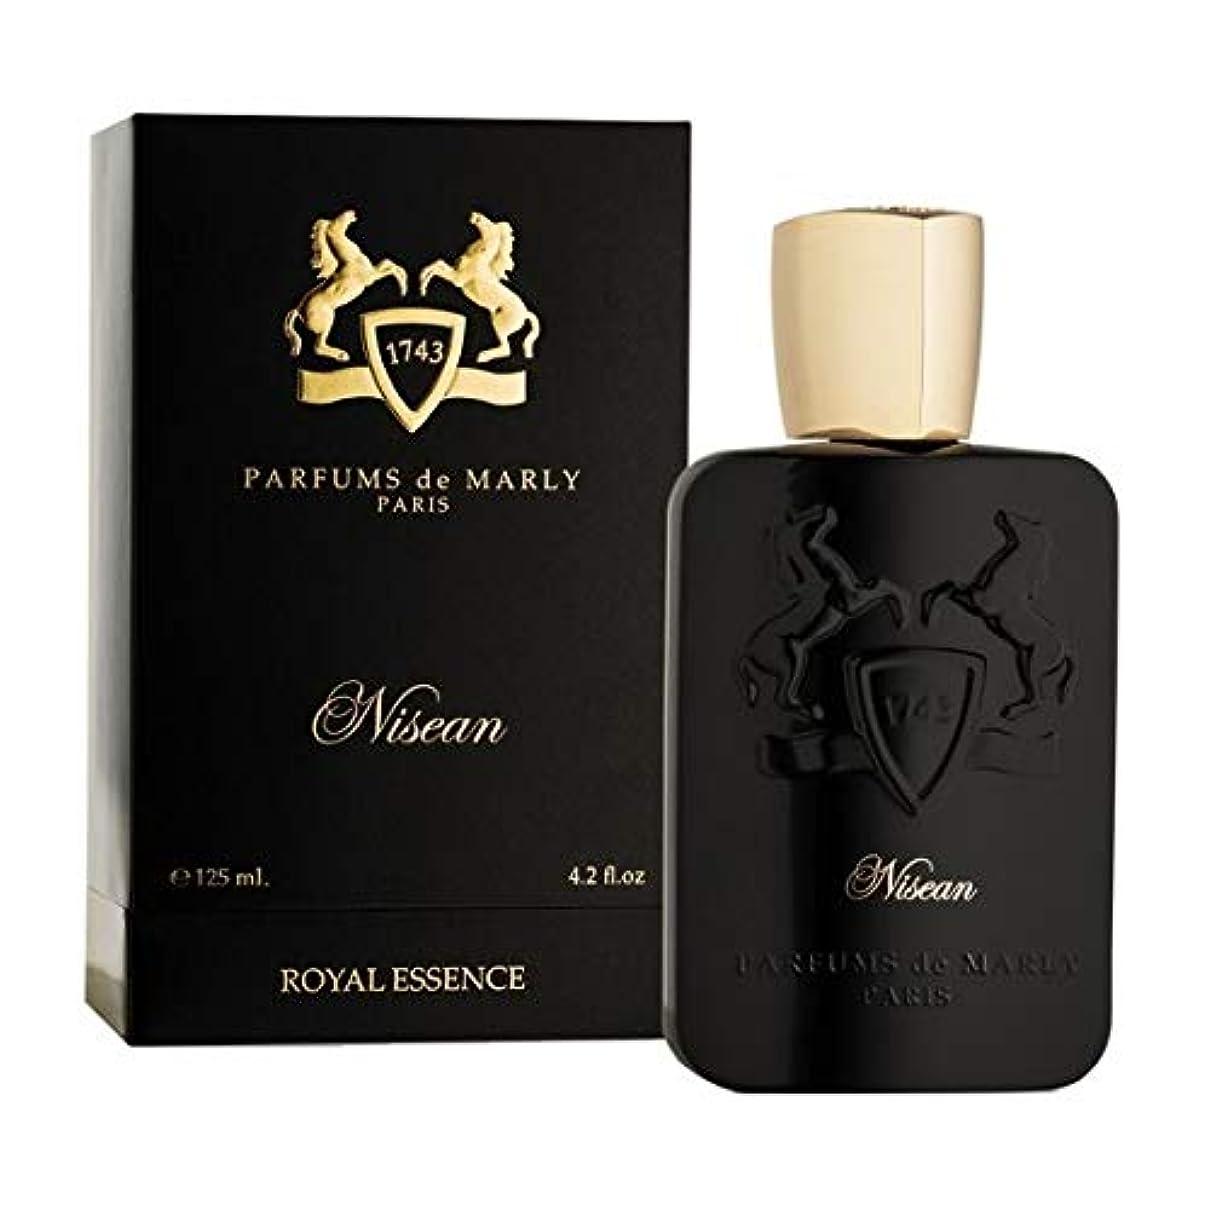 おとこ器用マンモスParfums de Marly Nisean Eau de Parfum 4.2 Oz/125 ml New in Box